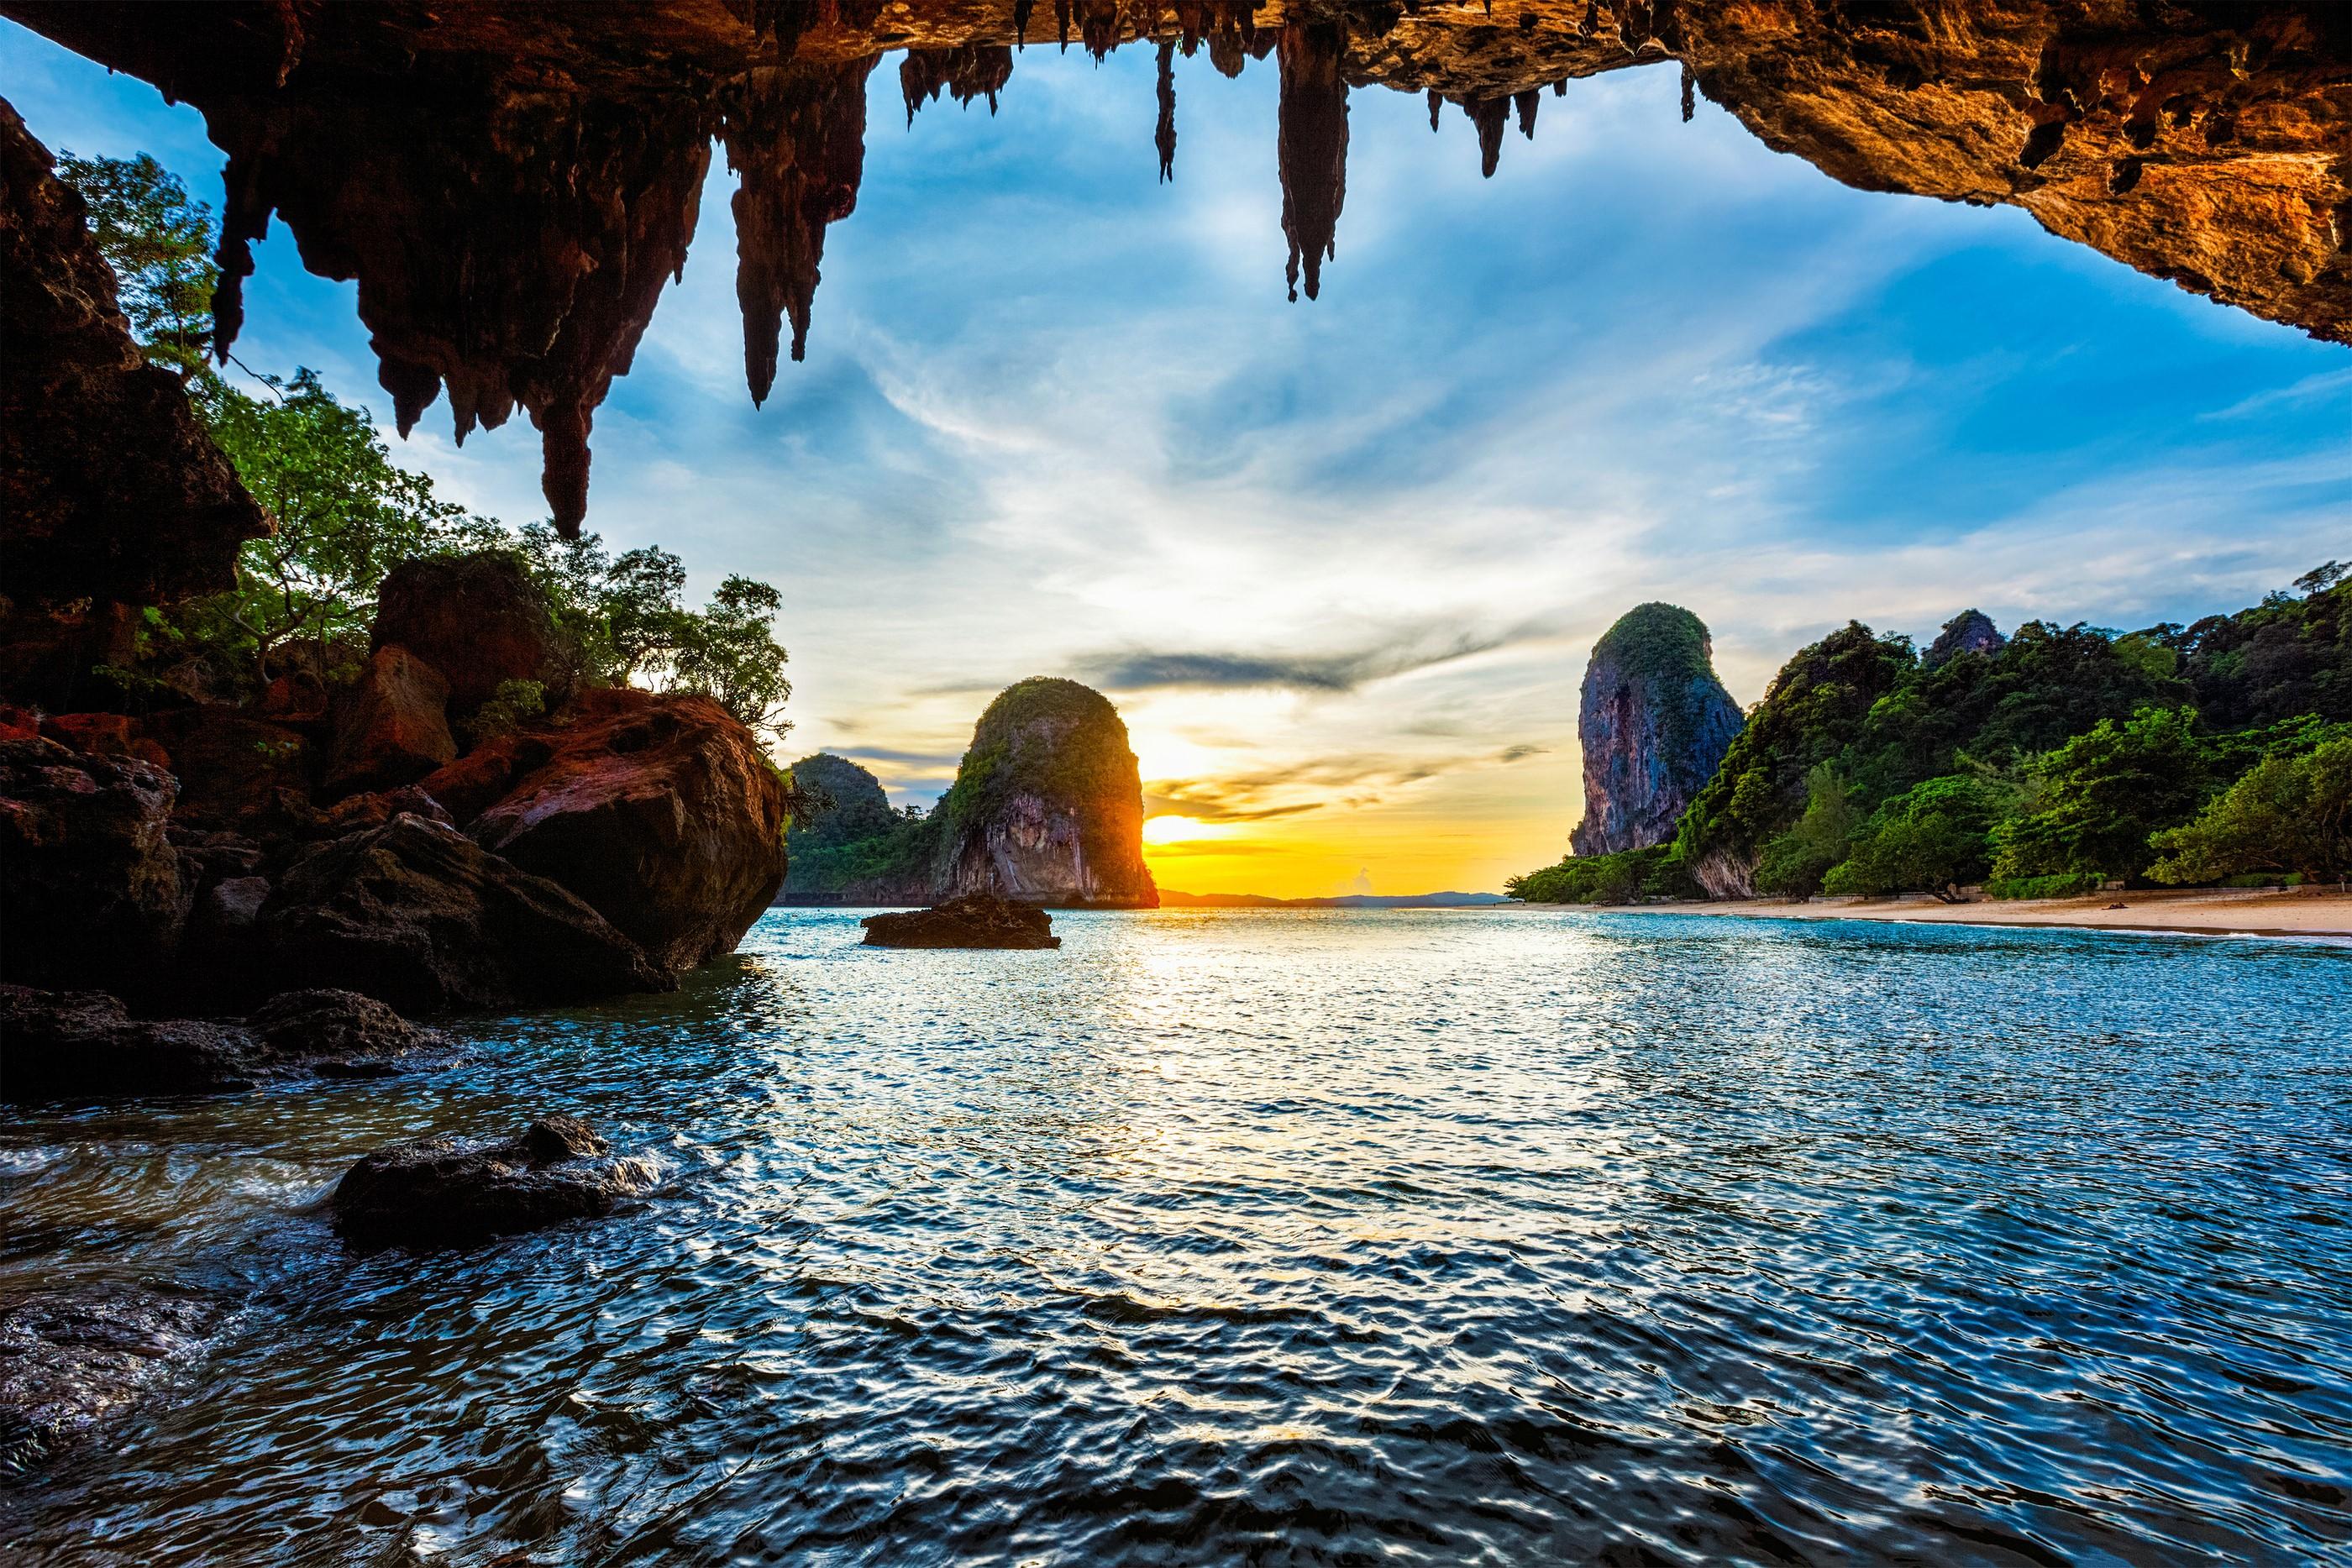 Alquiler de yates en Tailandia. Alquiler de barcos en Tailandia. Yates de lujo en Tailandia